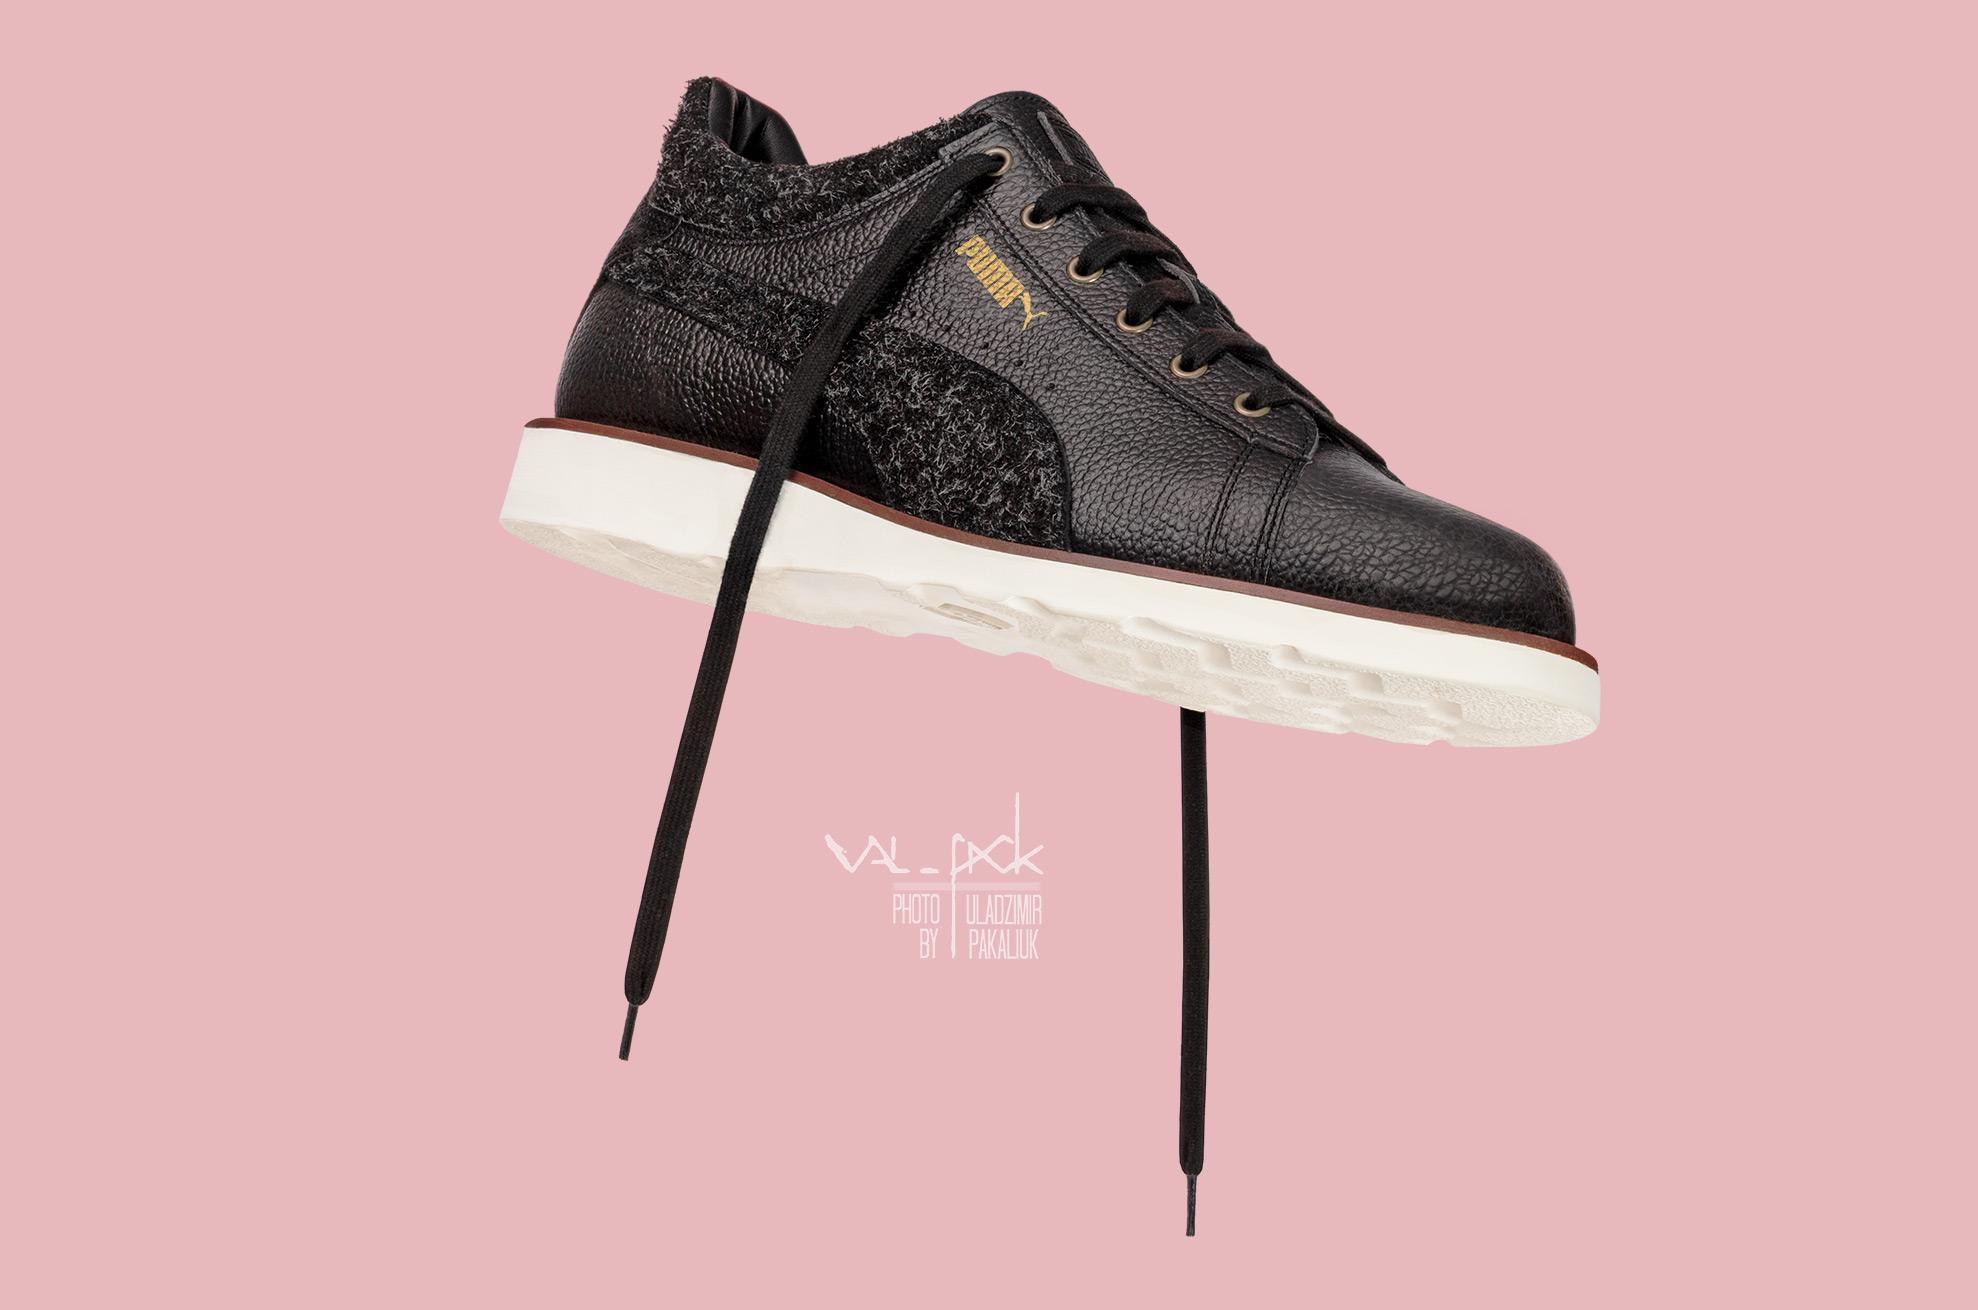 съёмка обуви Минск PUMA STEPPER WKB 356673 01